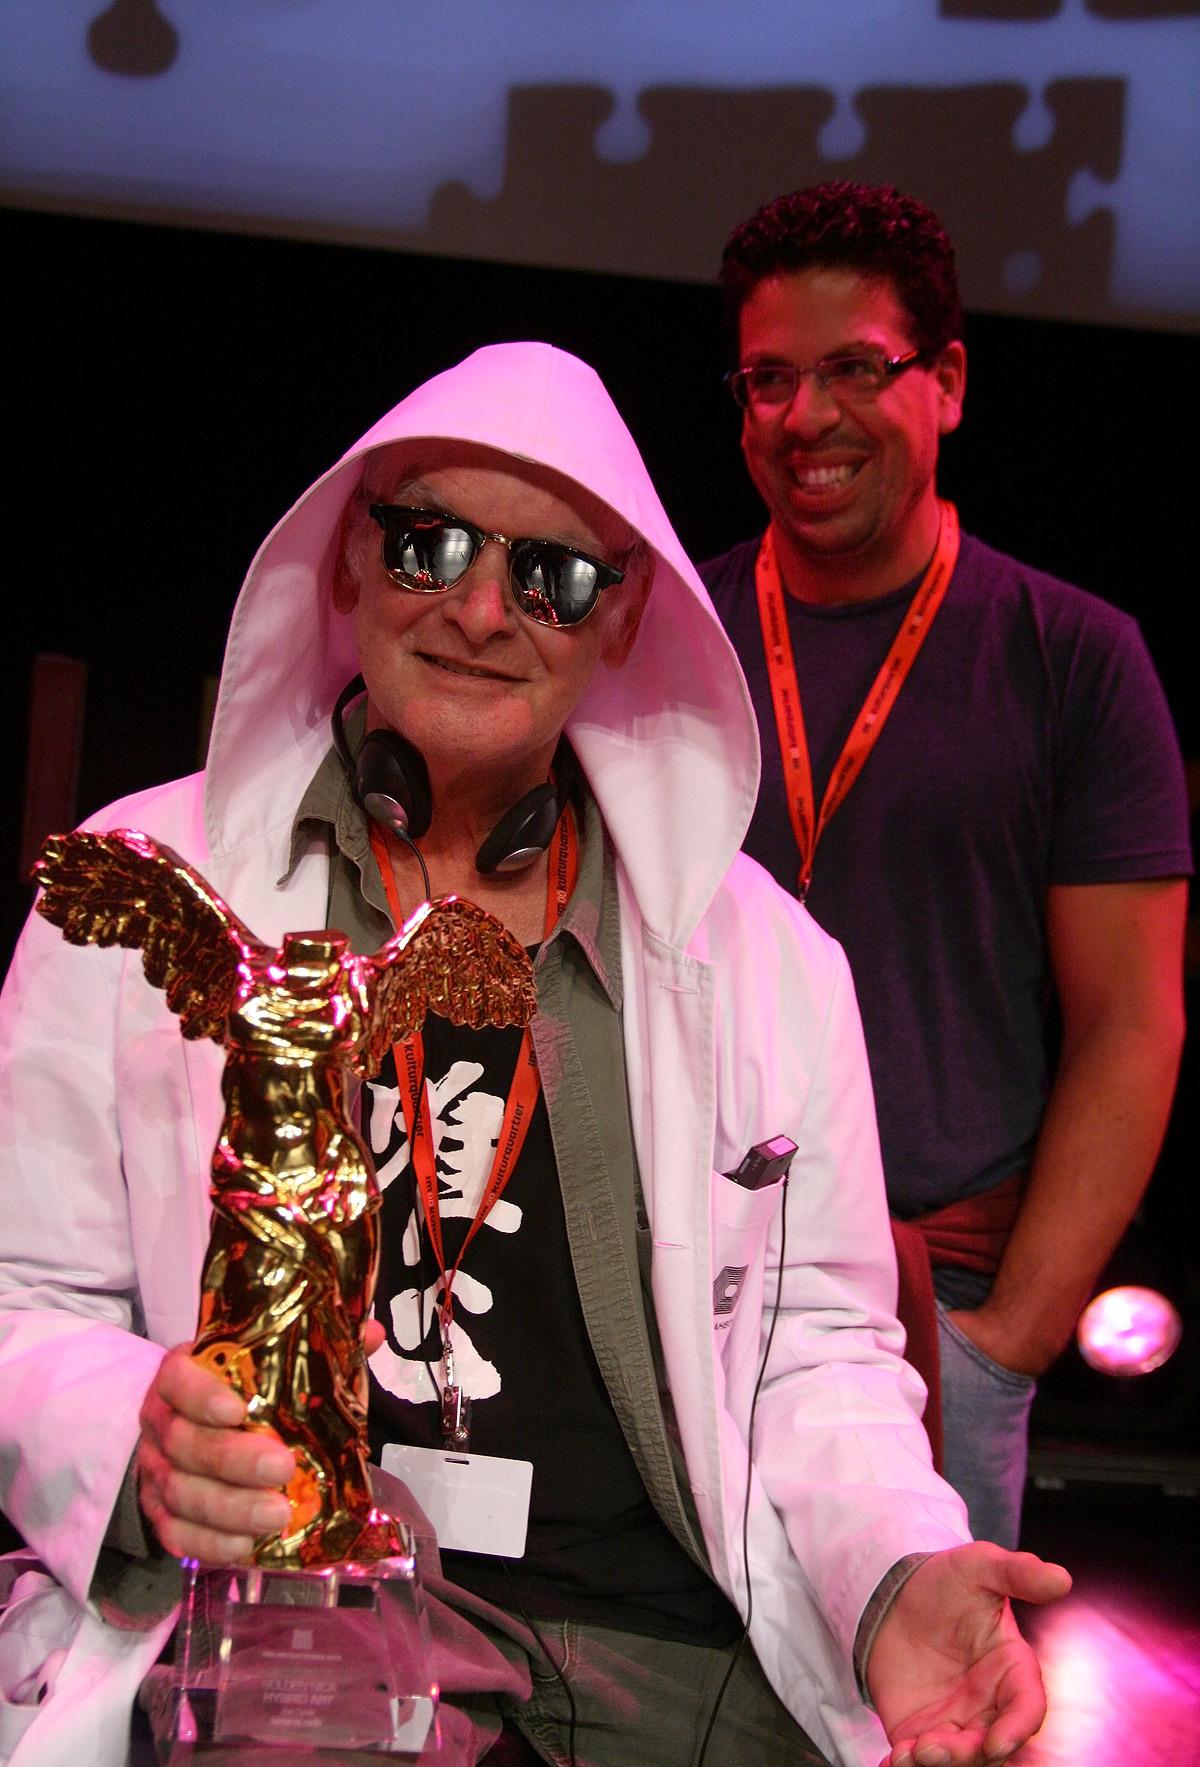 Joe Davis con la Golden nica del premio Ars Electronica 2012 nella categoria Hybrid Art per la sua Bacterial Radio